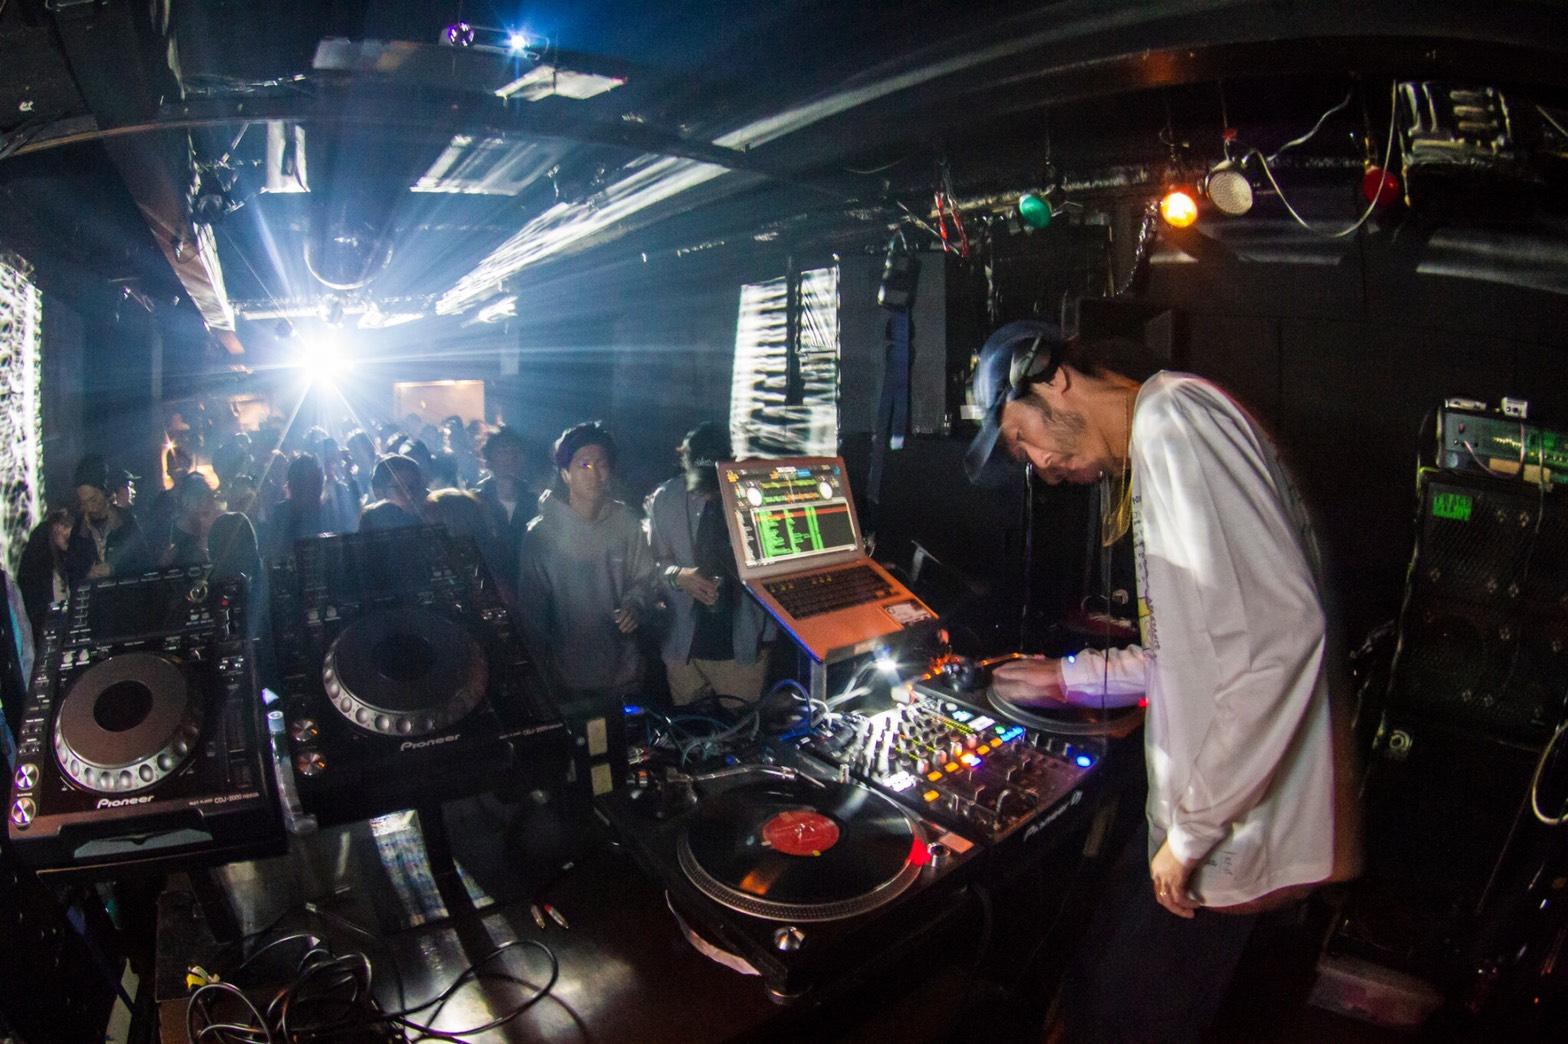 Kieth Flackのライブ・イベント写真